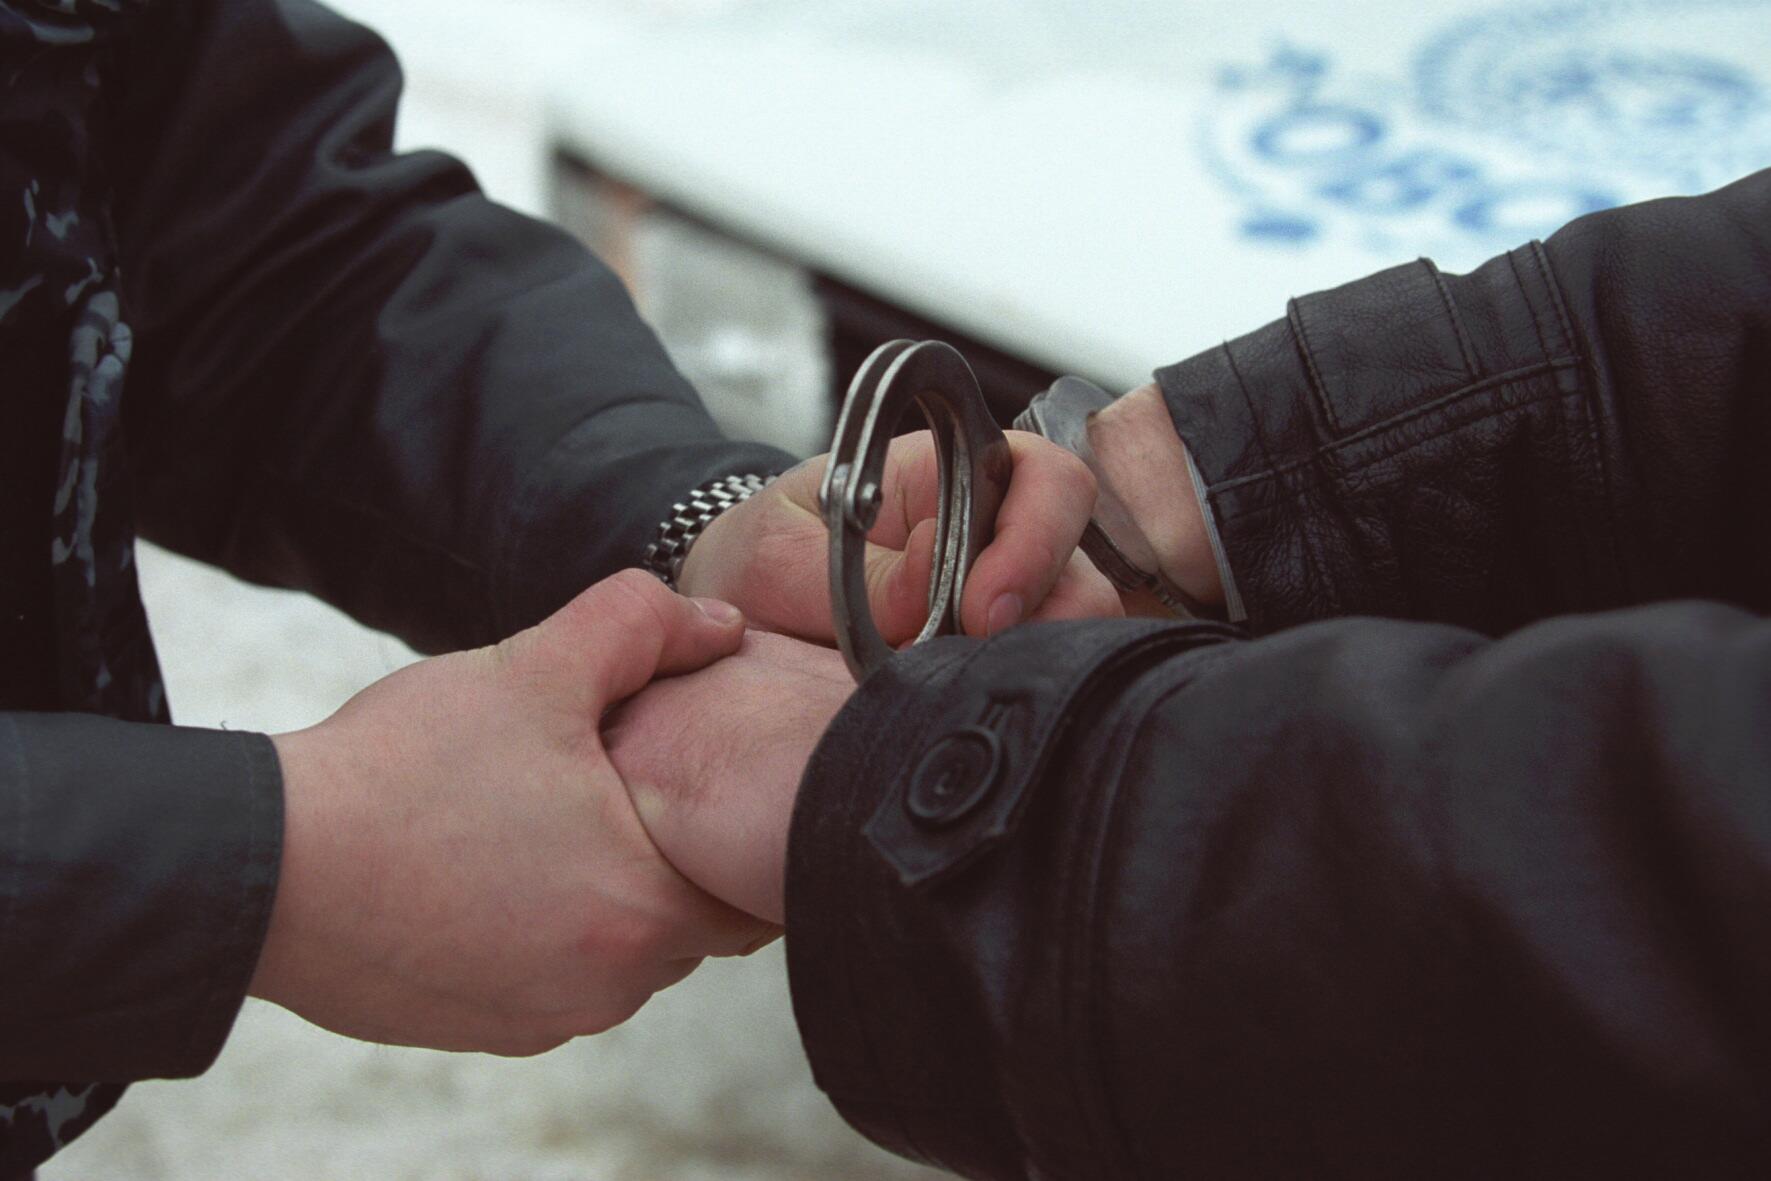 У Мукачеві правоохоронці затримали чоловіка, який порушував громадський порядок